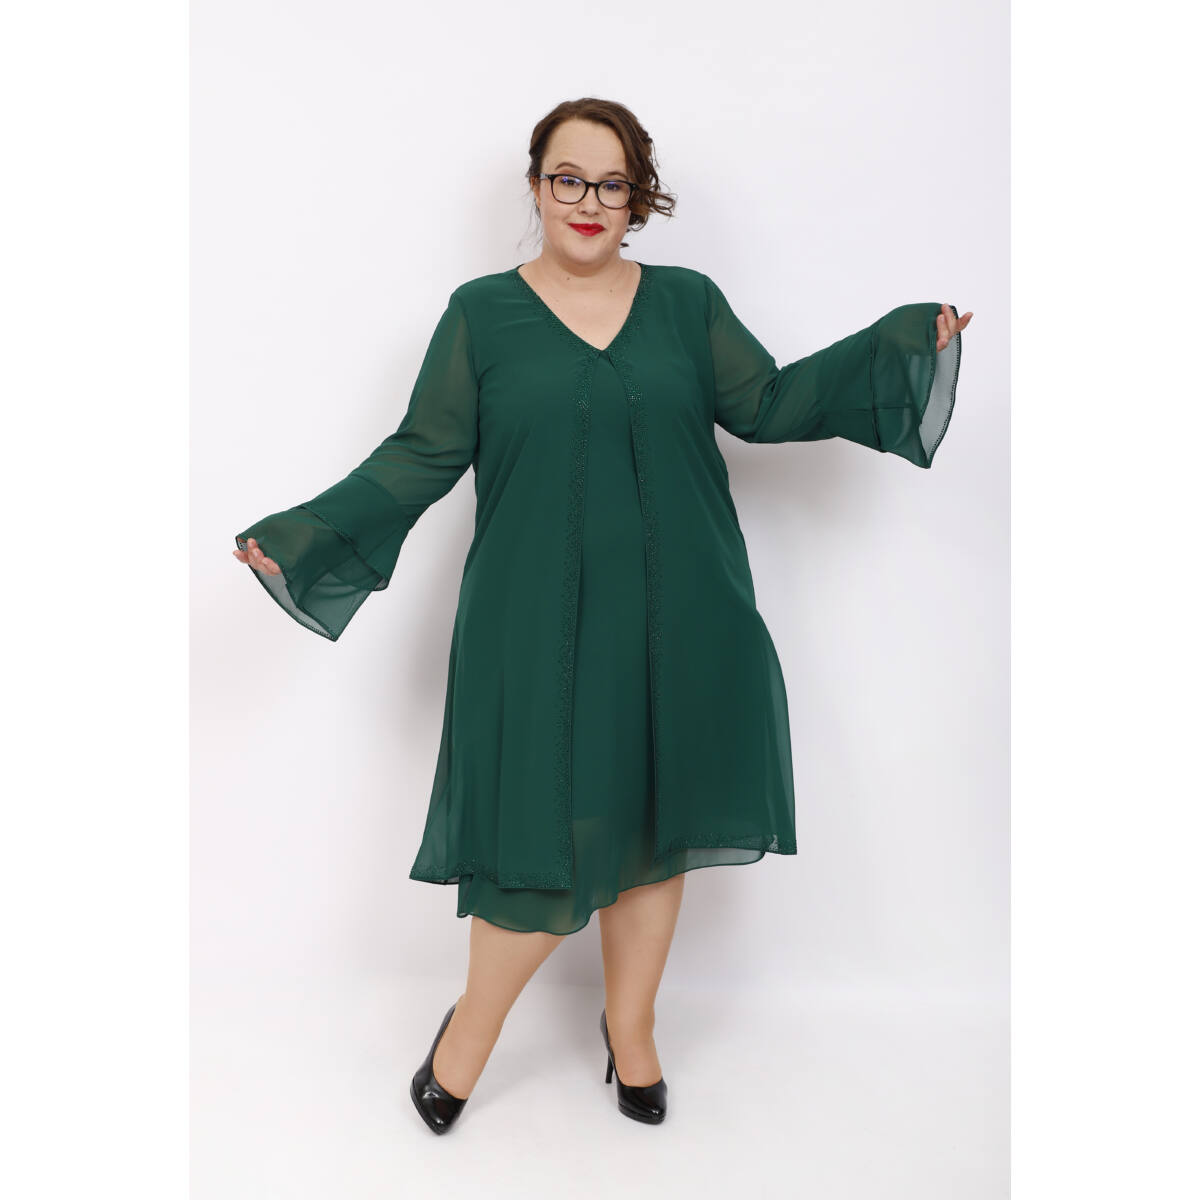 Milli ruha - nagyméretű örömanya és alkalmi ruha